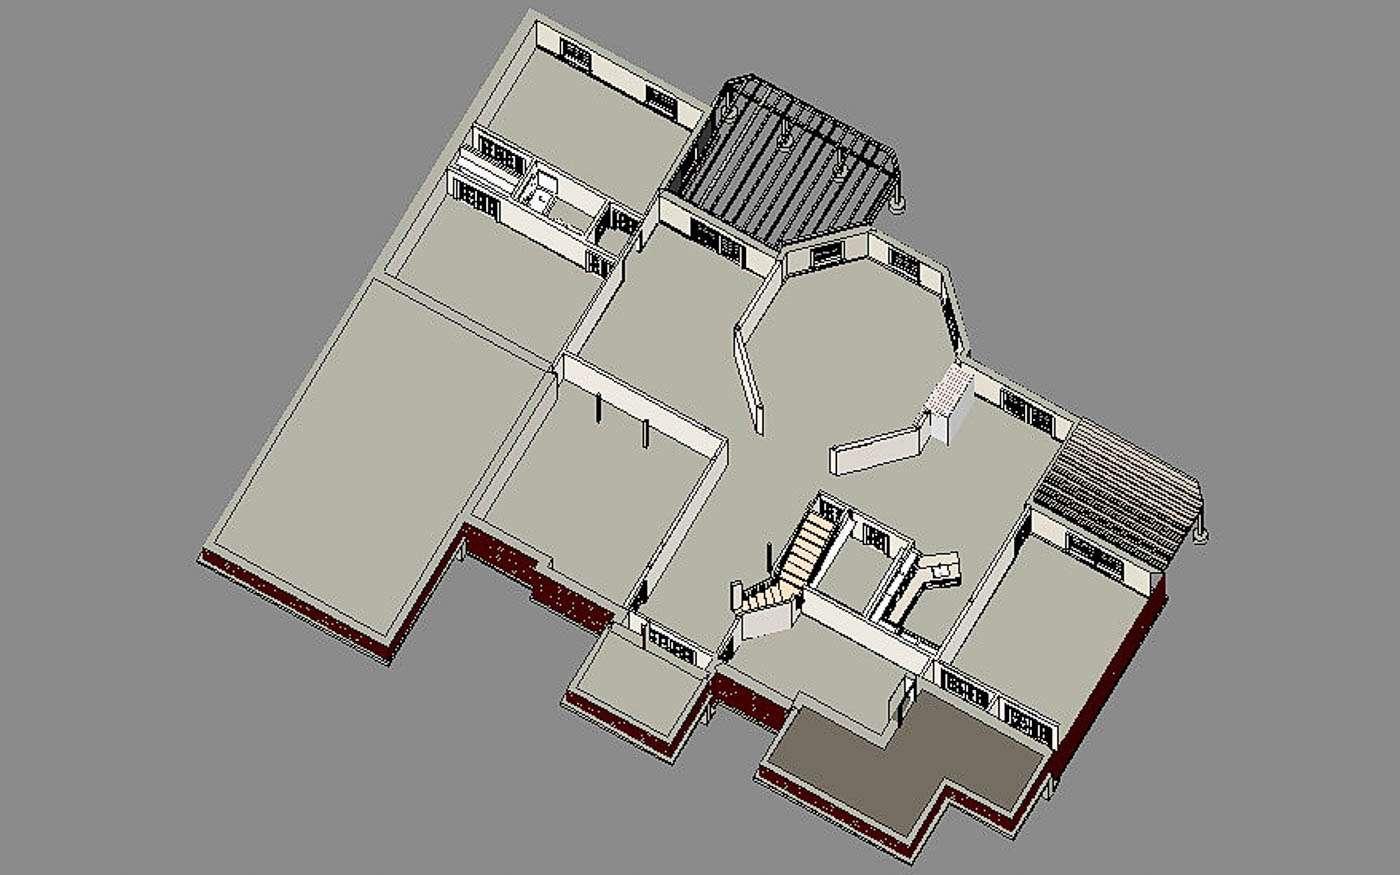 Sweetbriar Residence Lower Floor